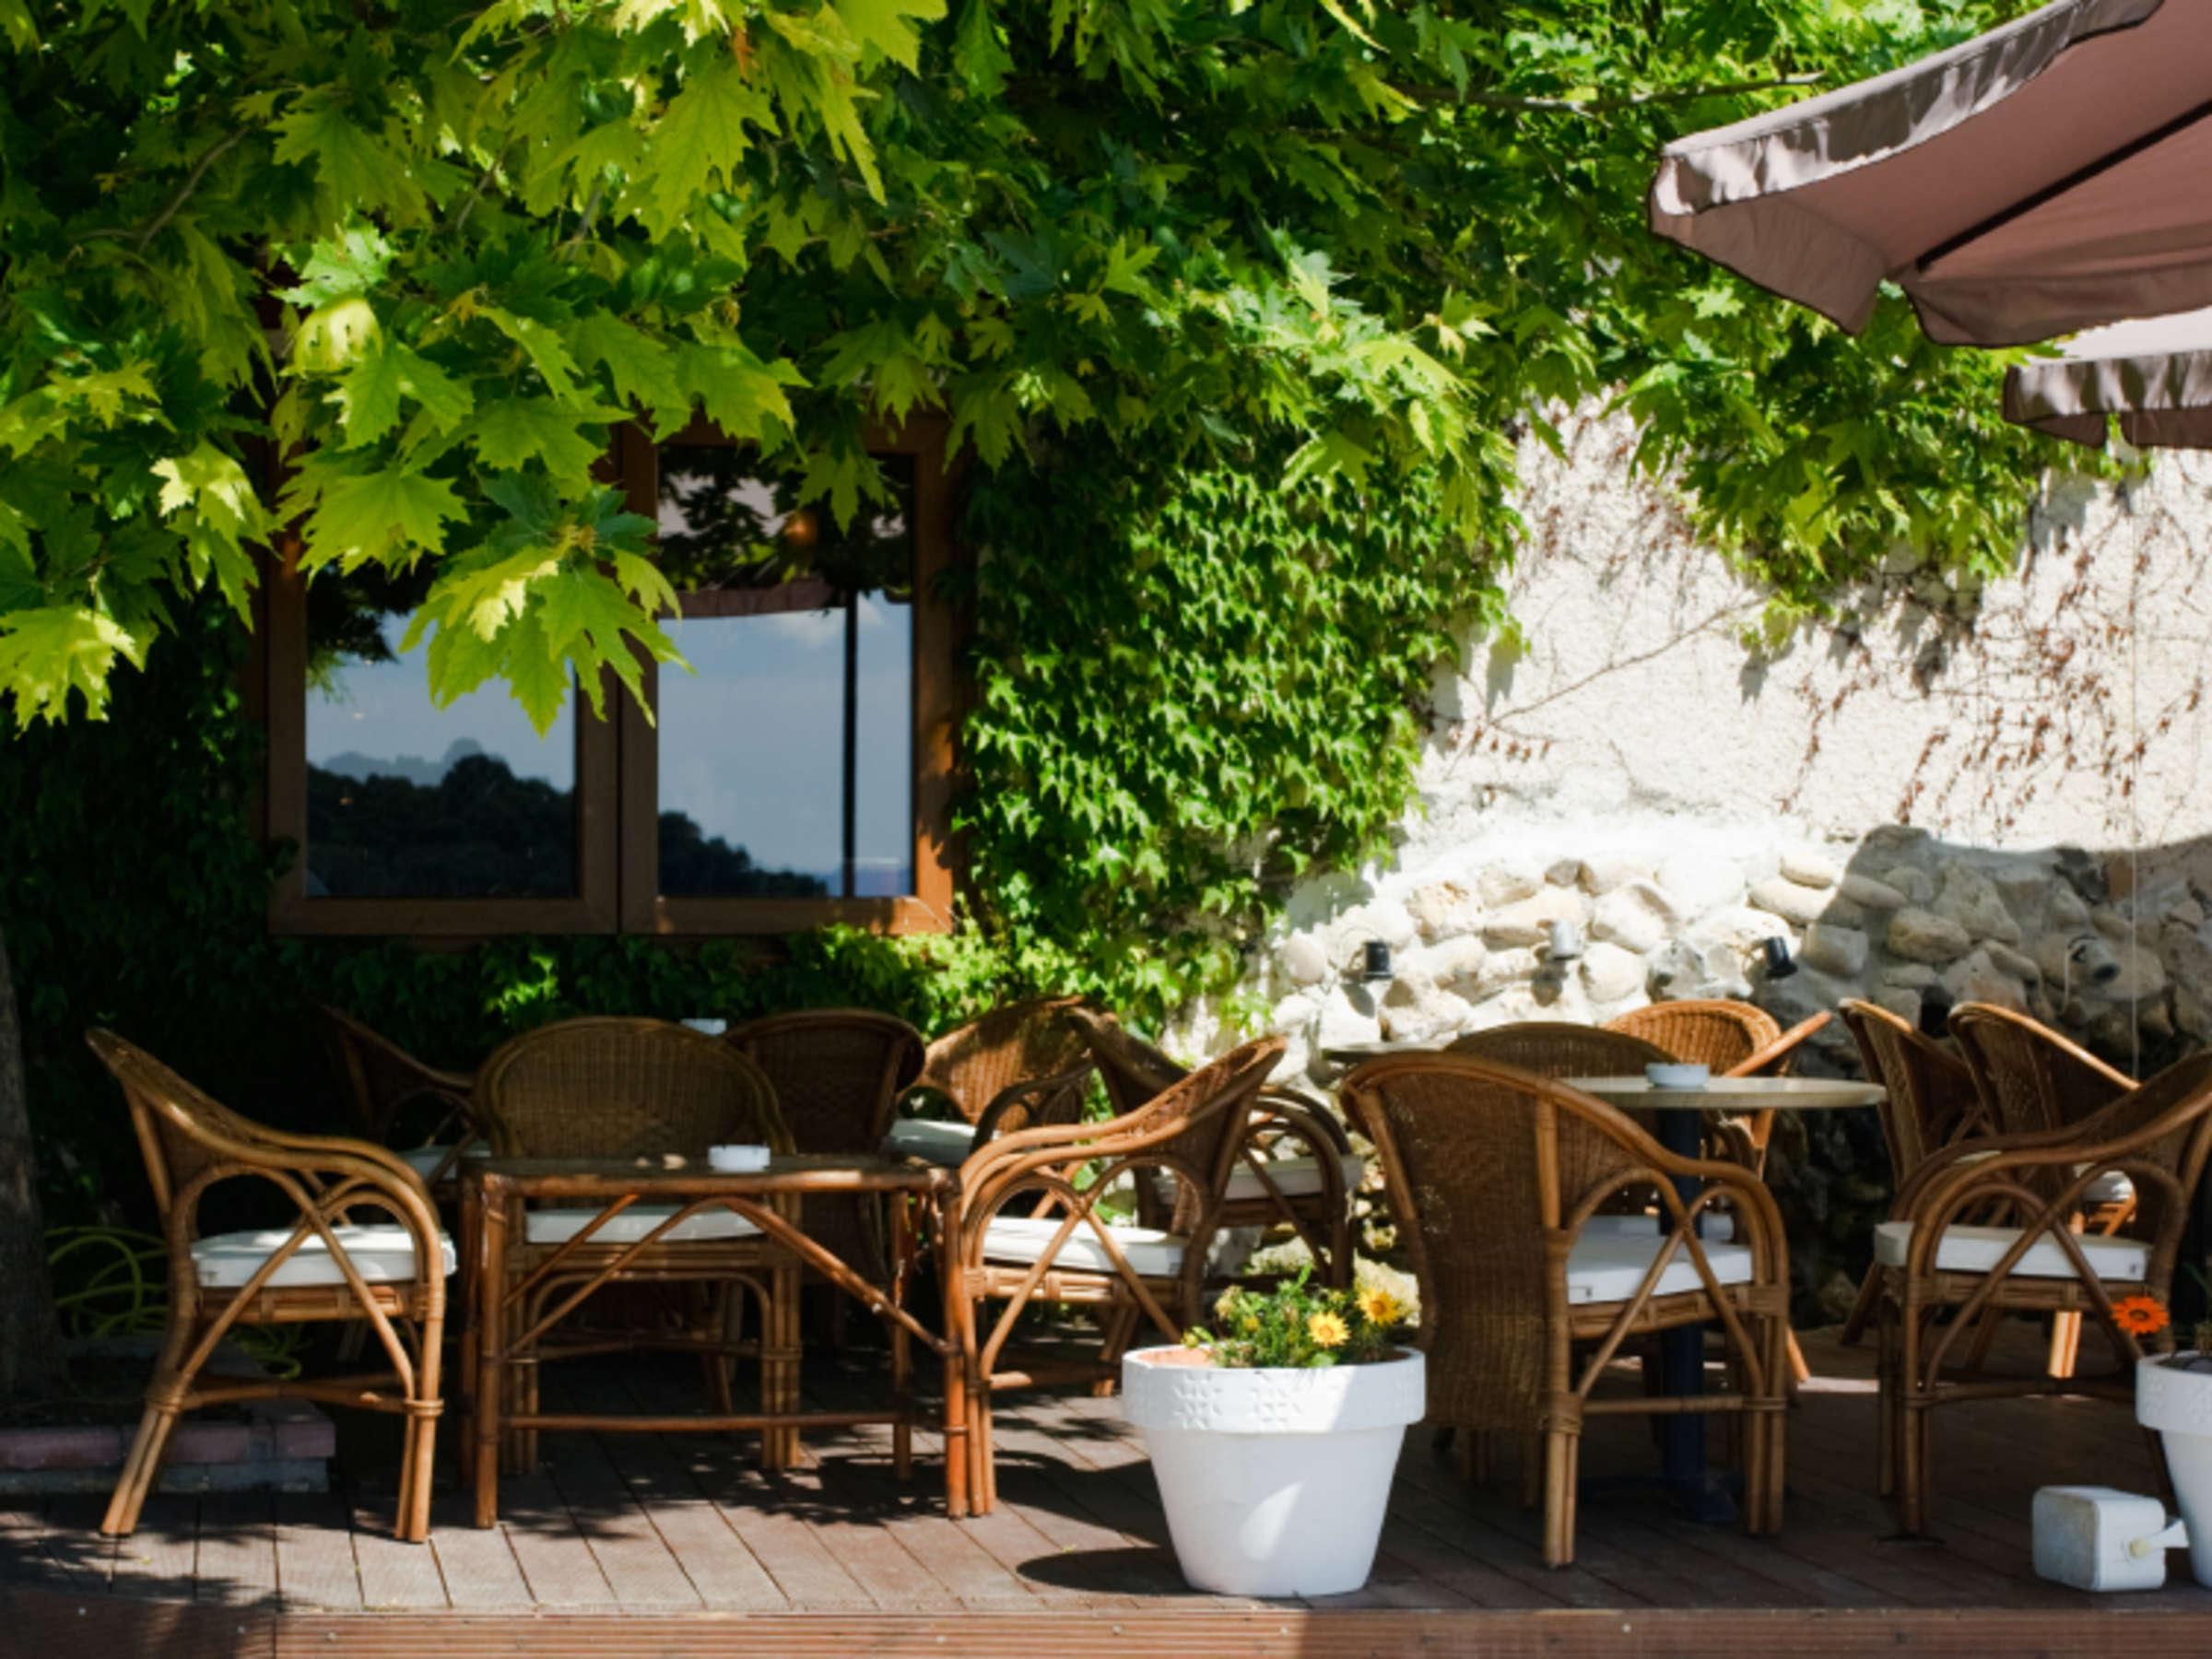 Restaurant Terrasse gestalten – Tipps für Gastronomen   Welt